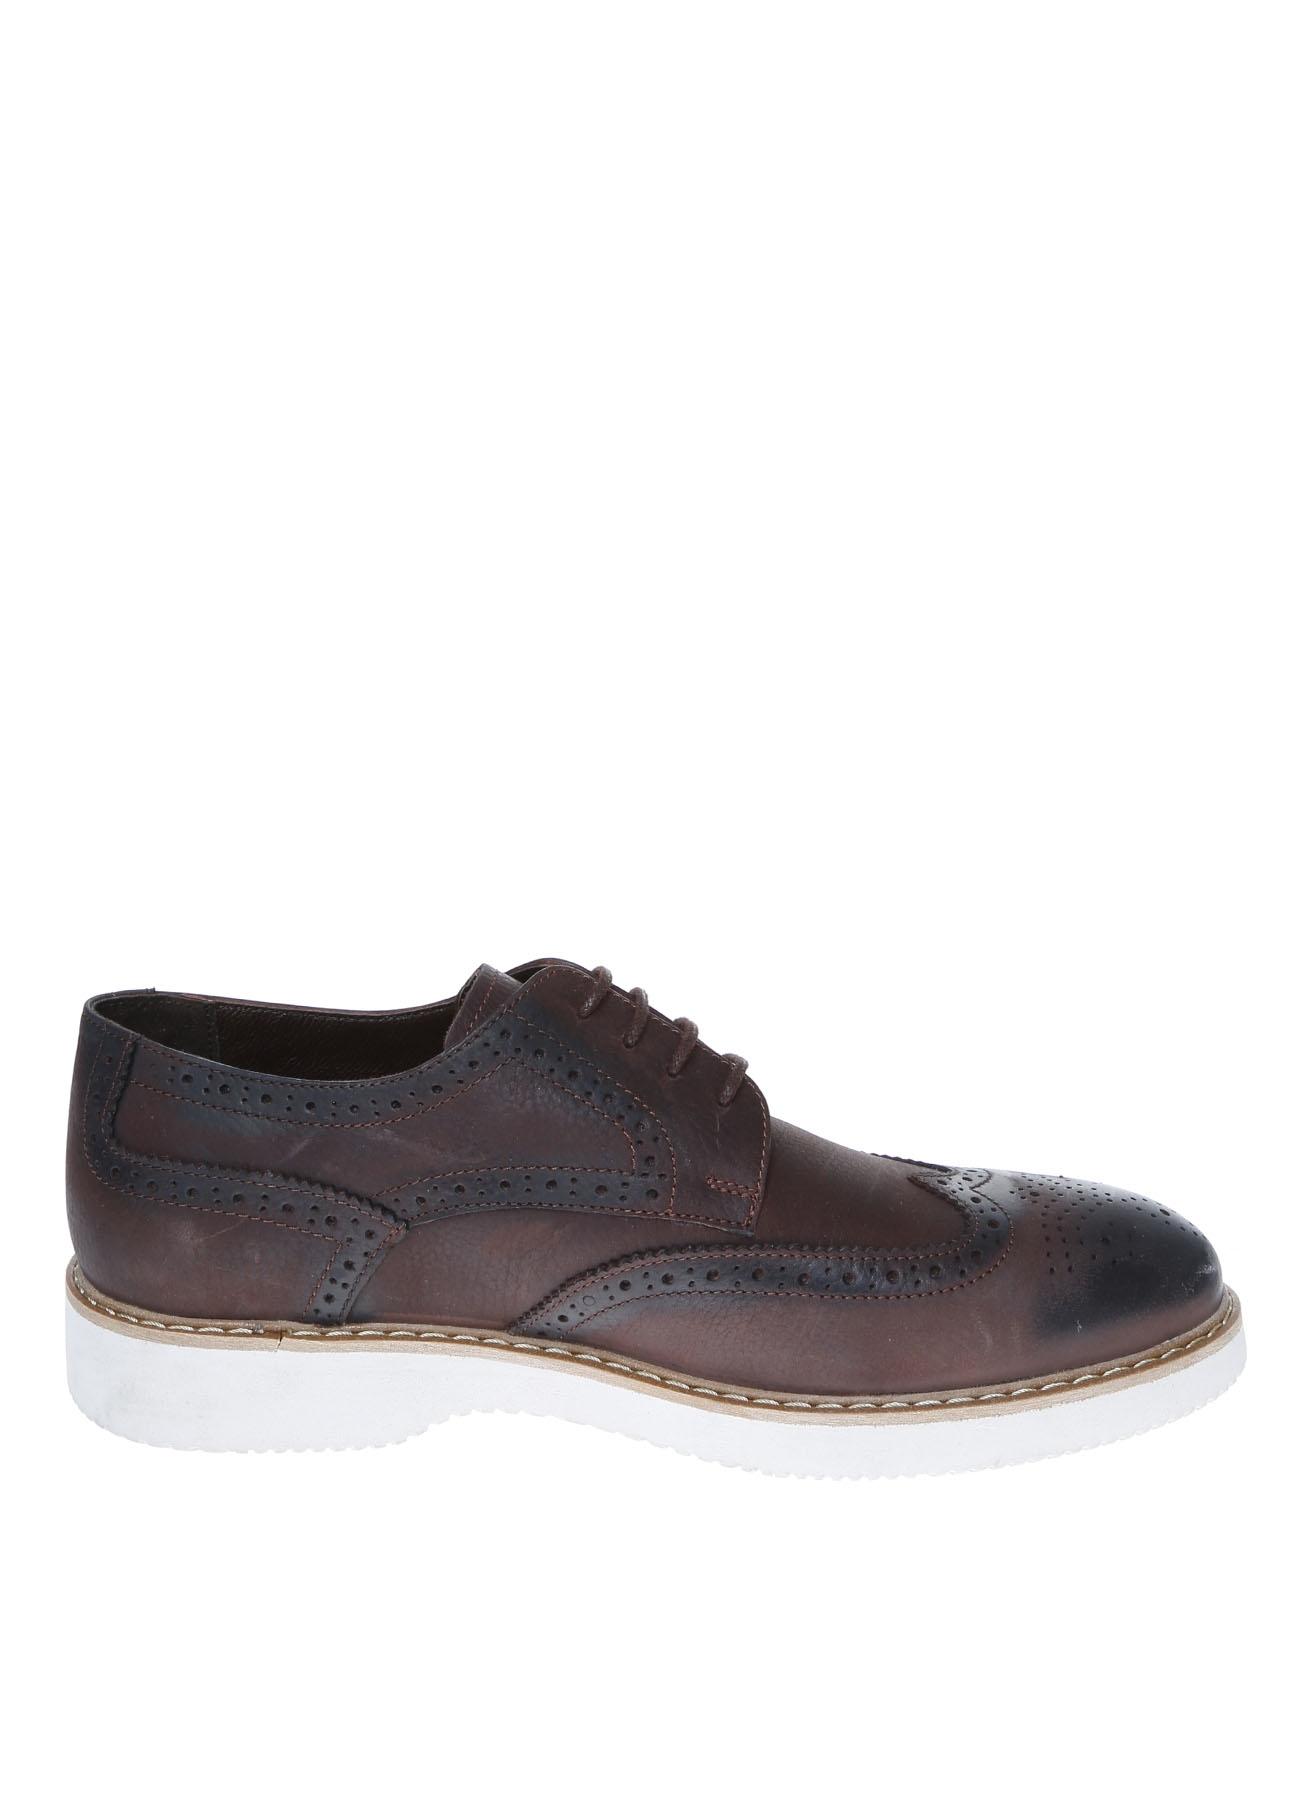 44 Kahve Fabrika Klasik Ayakkabı 5001909945005 & Çanta Erkek